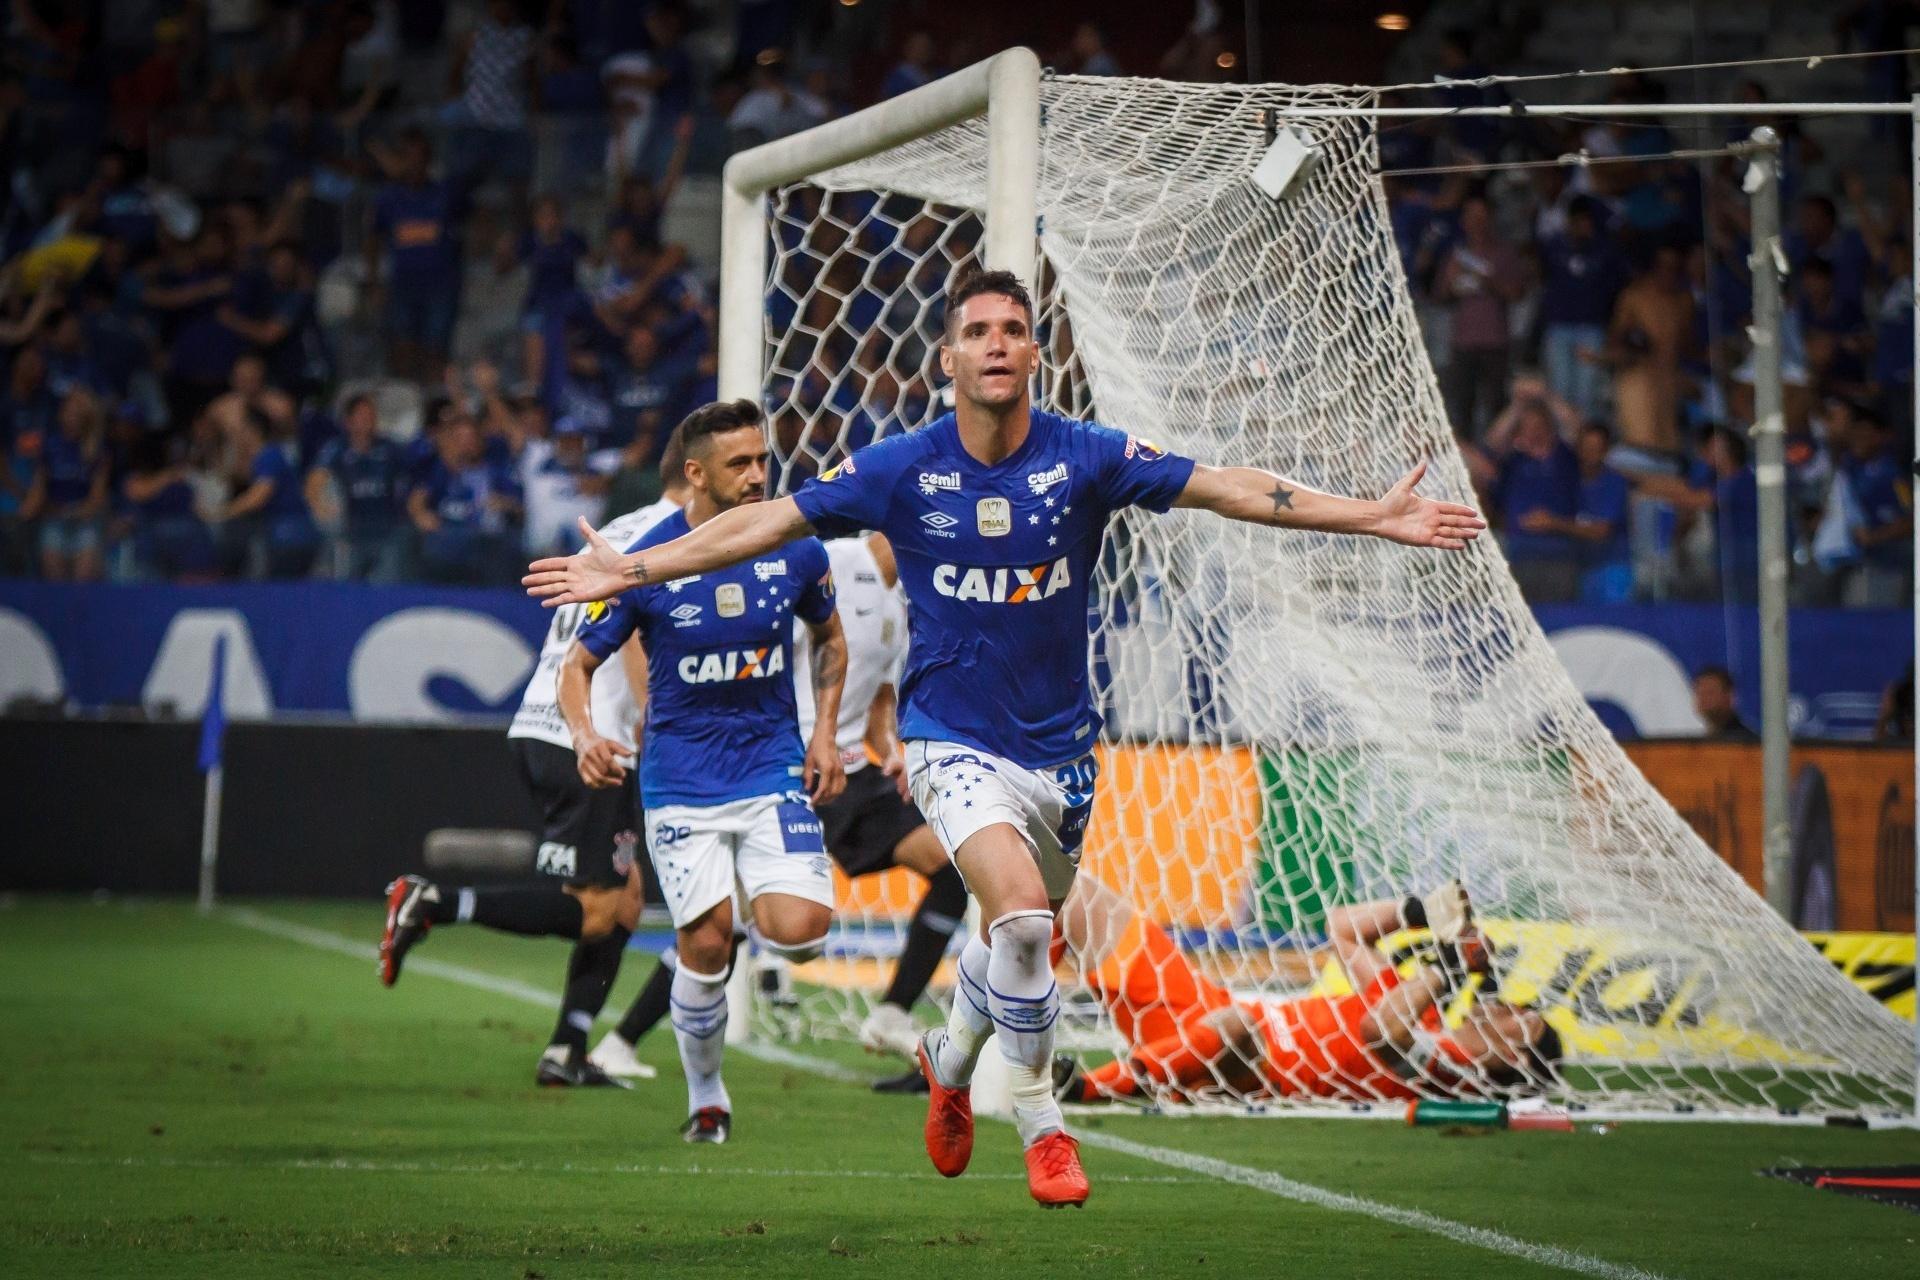 827c30b16b Diretor do Cruzeiro revela proposta do Corinthians por Thiago Neves e Sassá  - 12 12 2018 - UOL Esporte